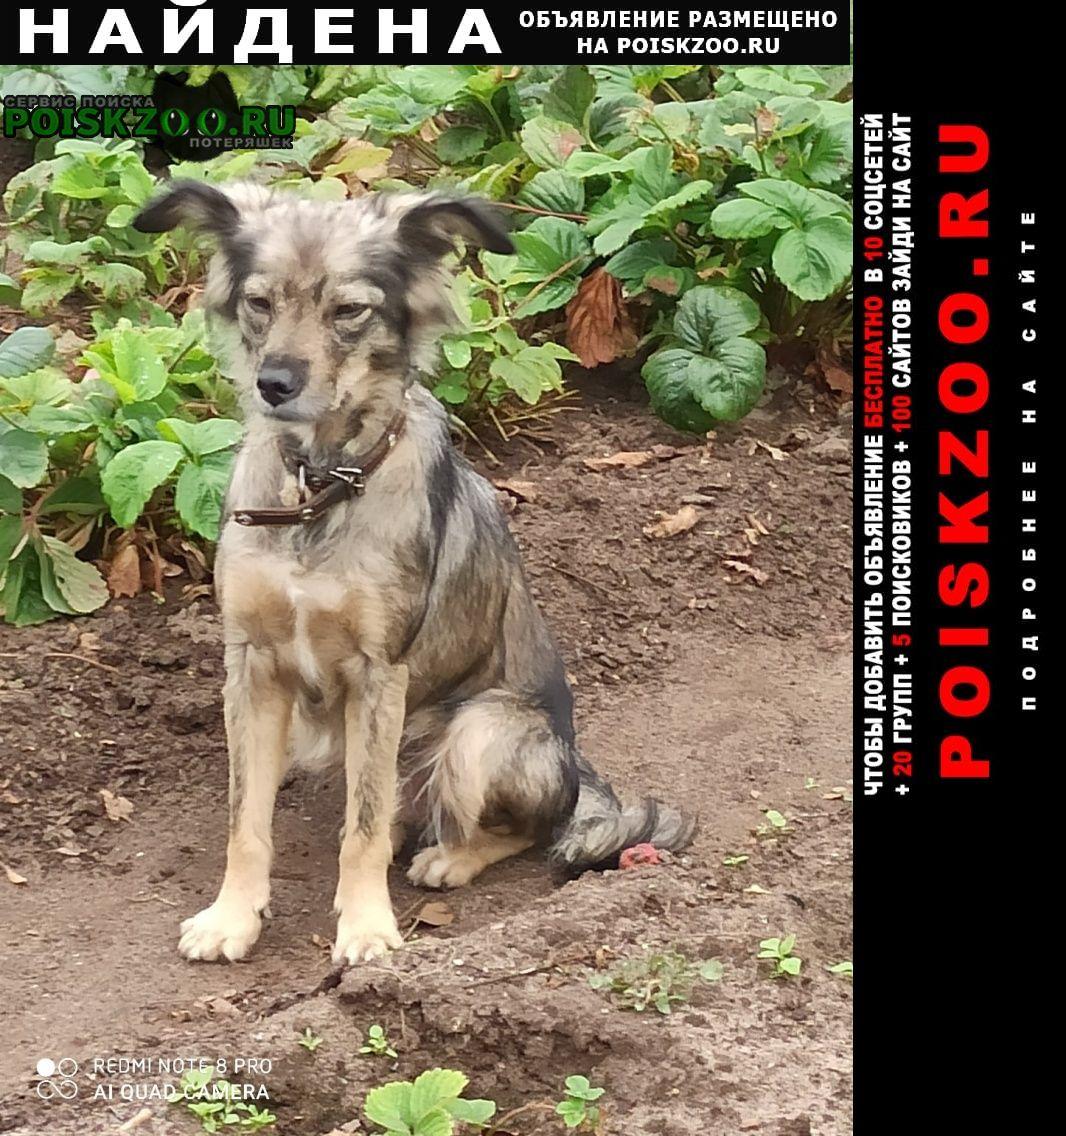 Найдена собака Дивеево